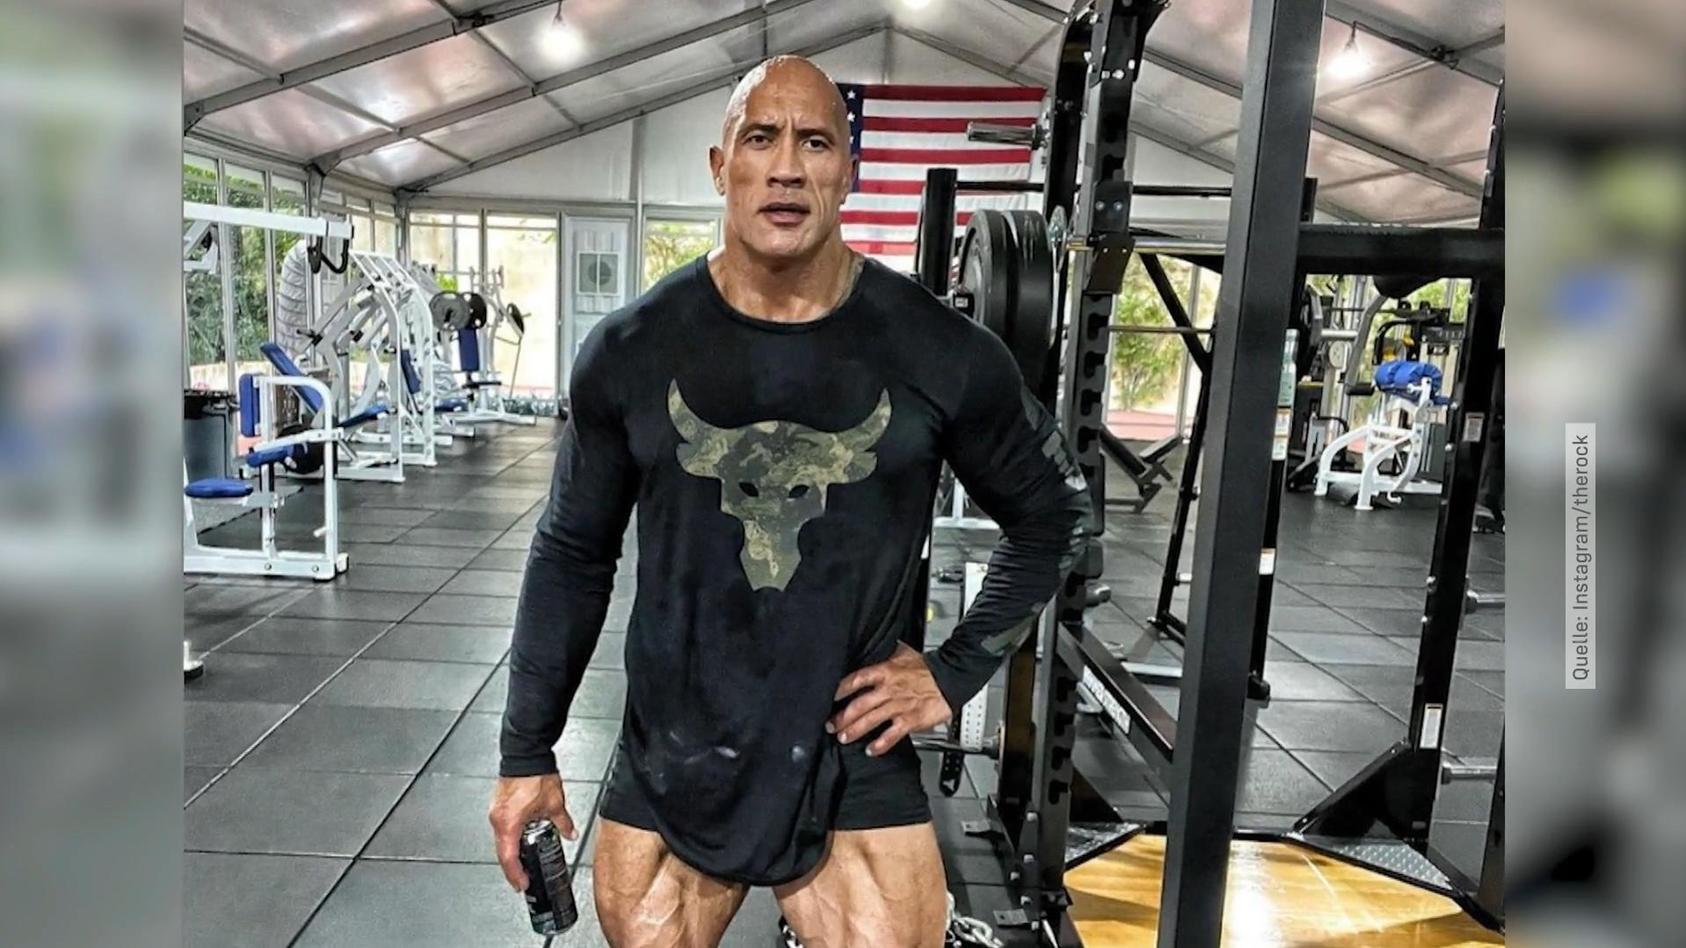 hulk-kann-einpacken-dwayne-johnson-verblufft-mit-gym-foto